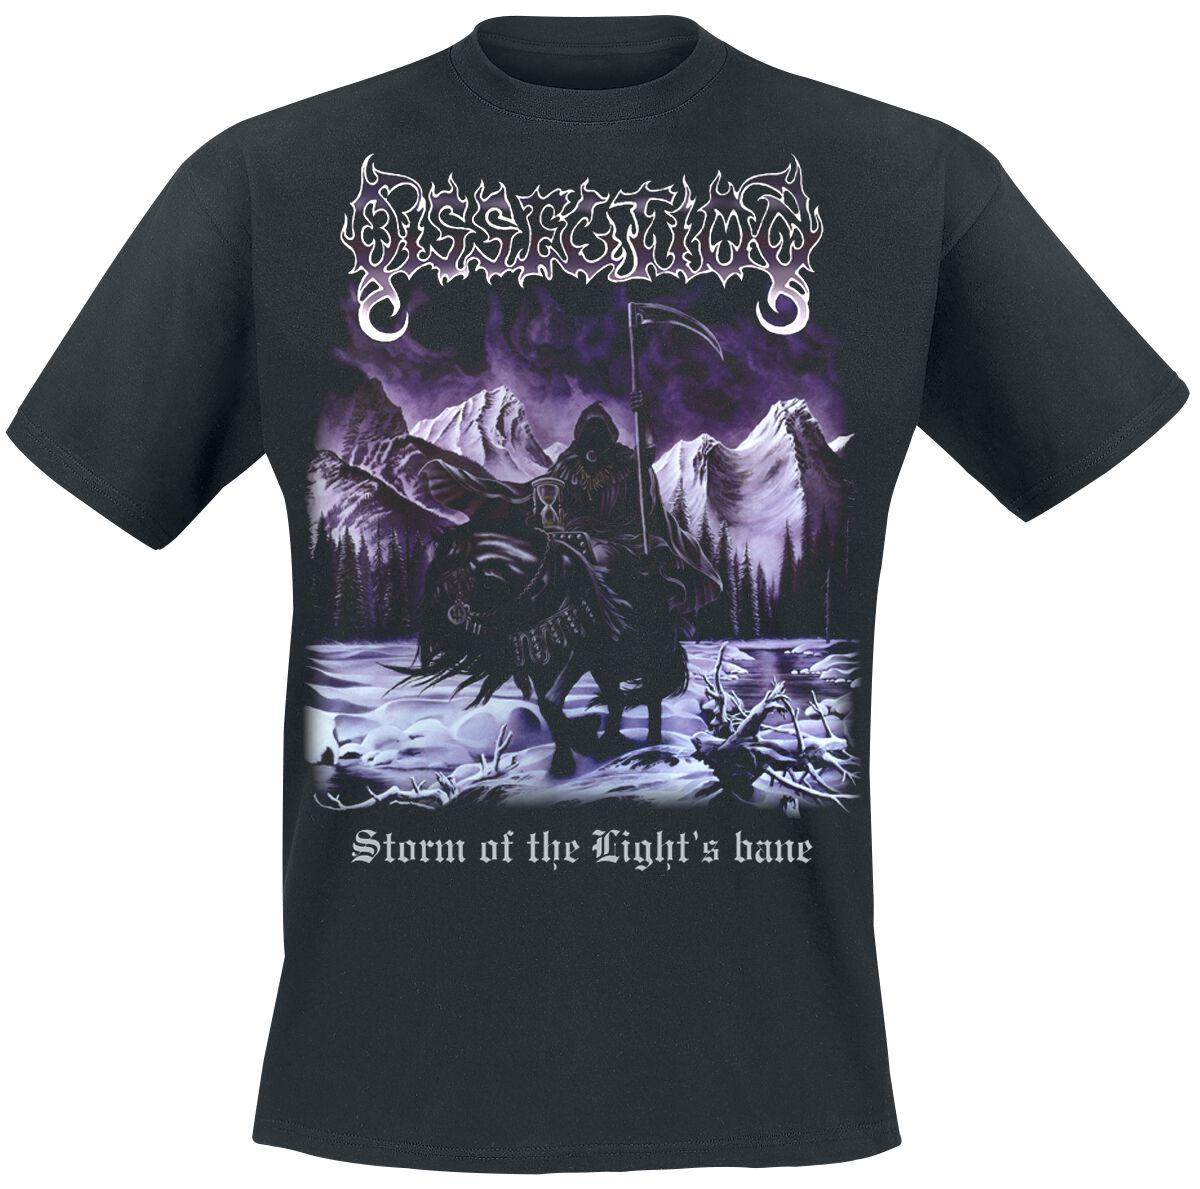 Zespoły - Koszulki - T-Shirt Dissection Storm of the light's bane T-Shirt czarny - 367199